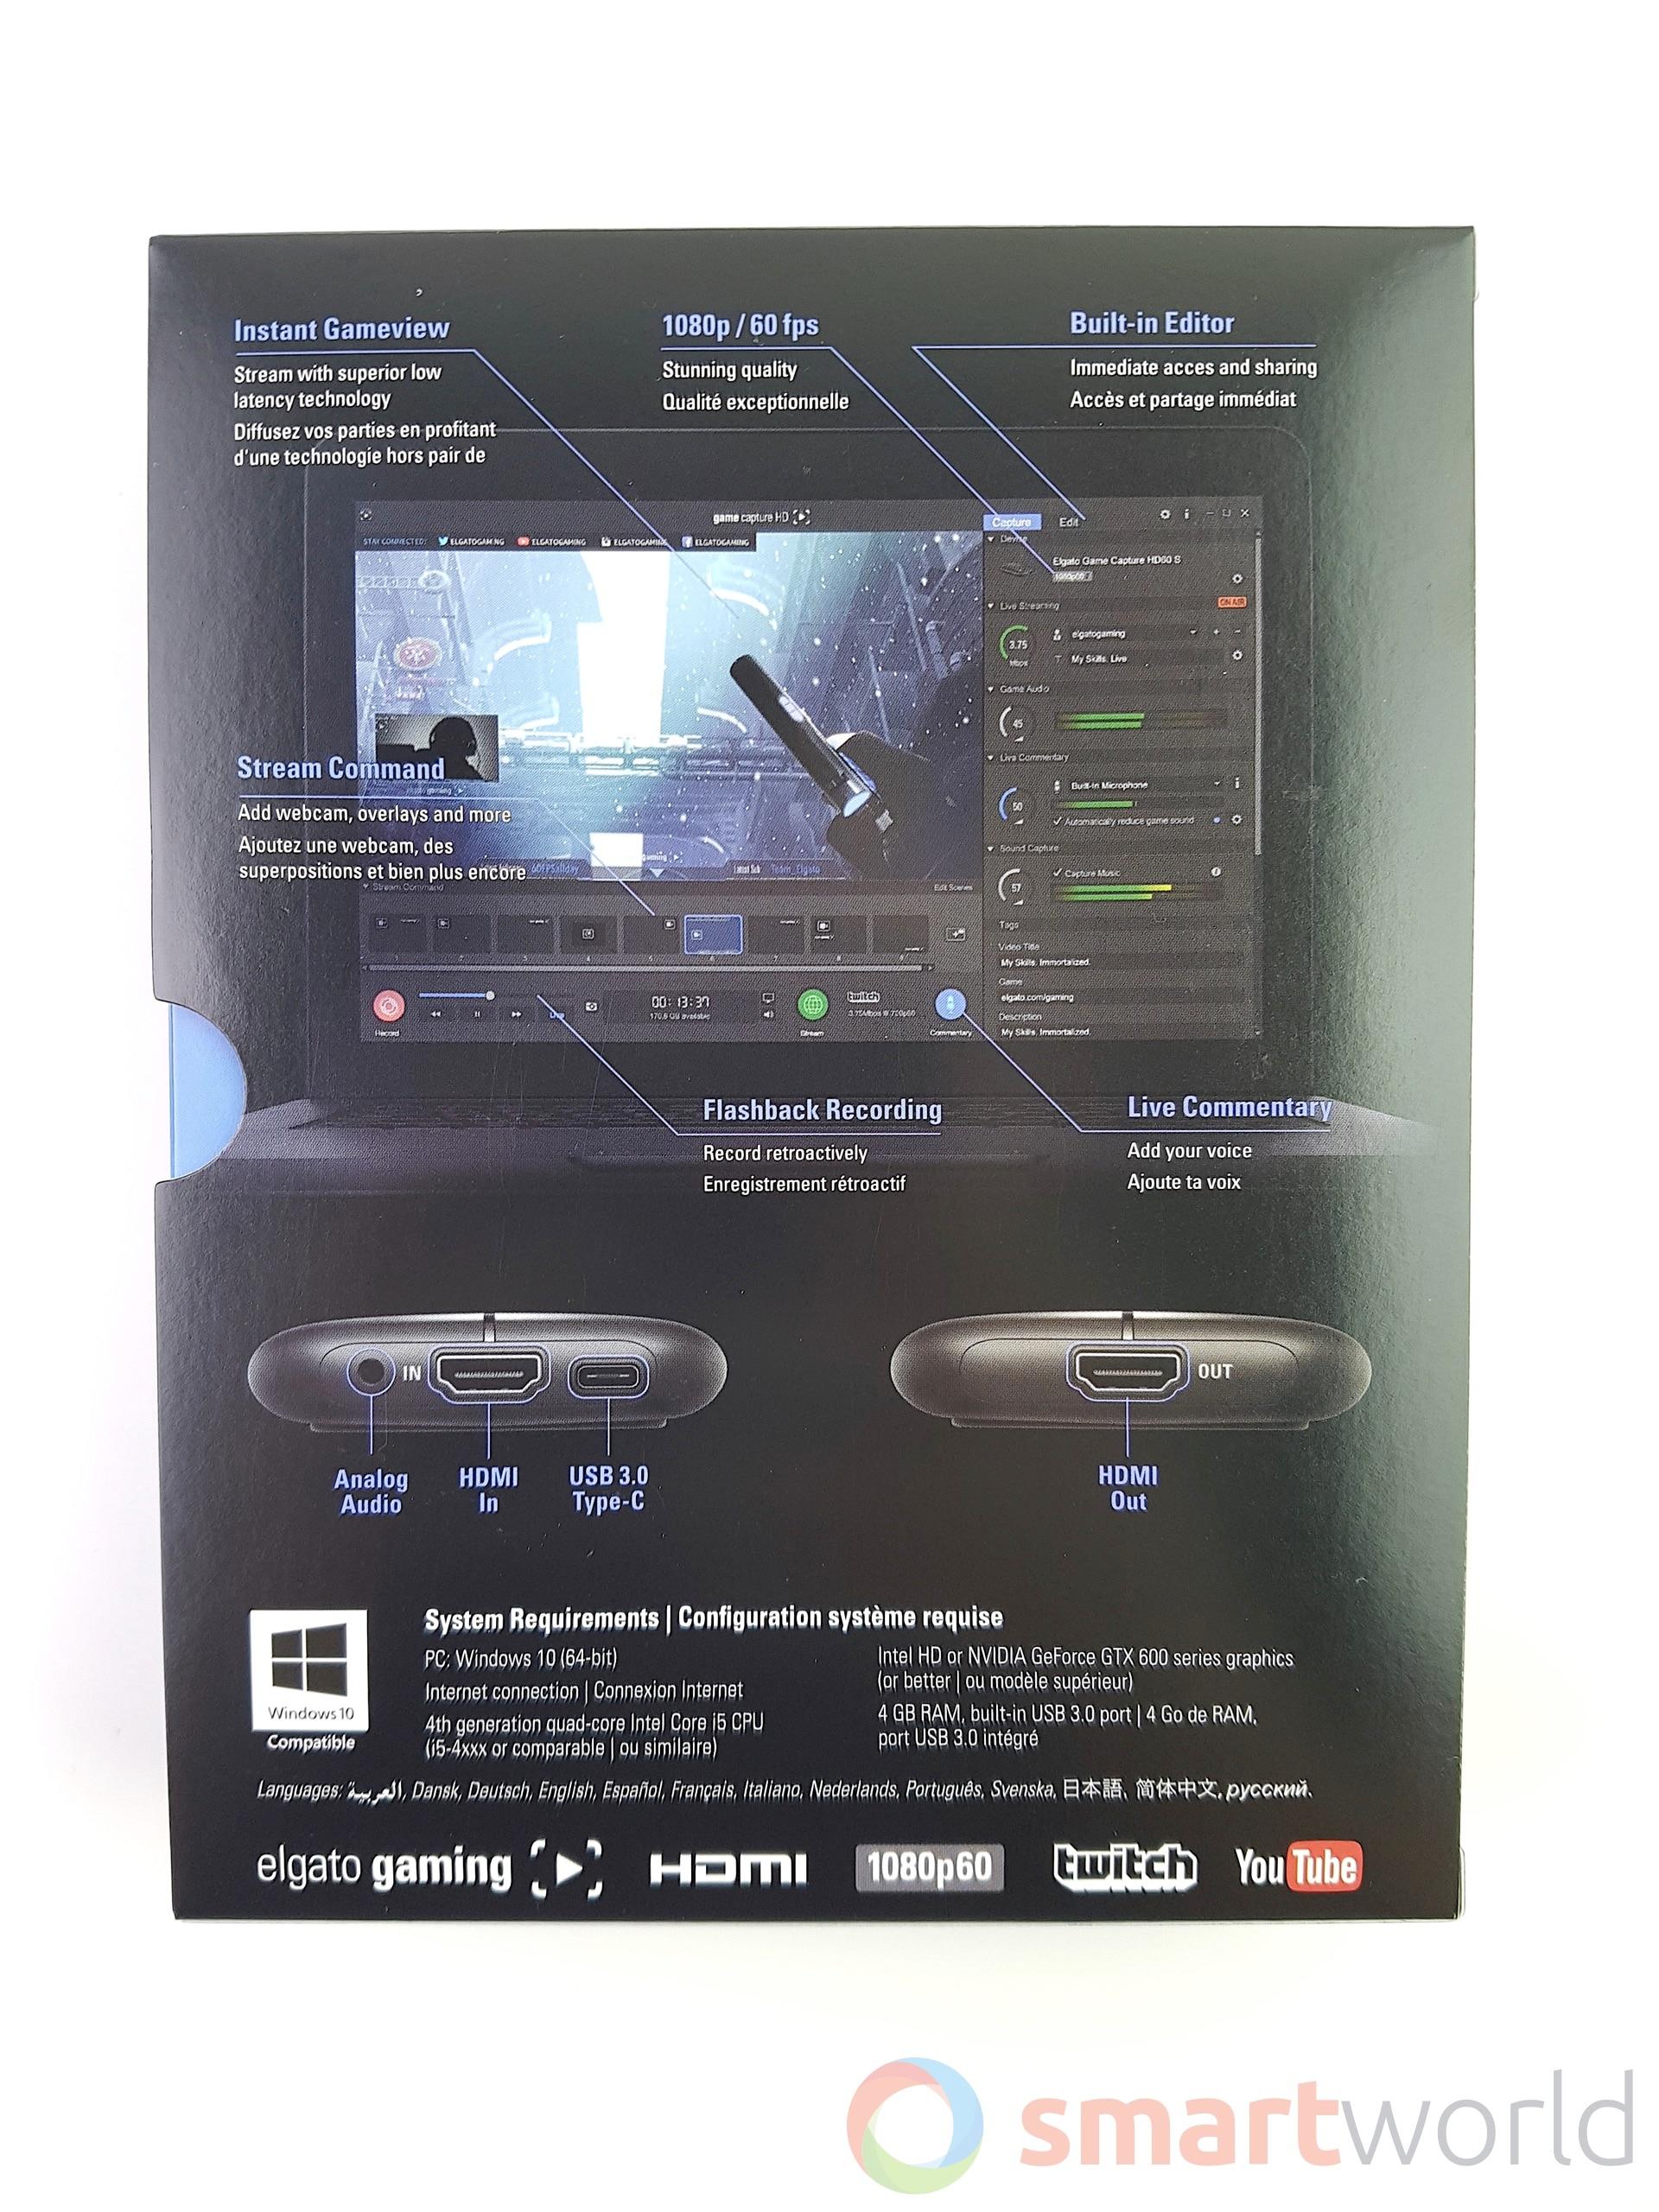 Recensione Elgato HD60 S – 2